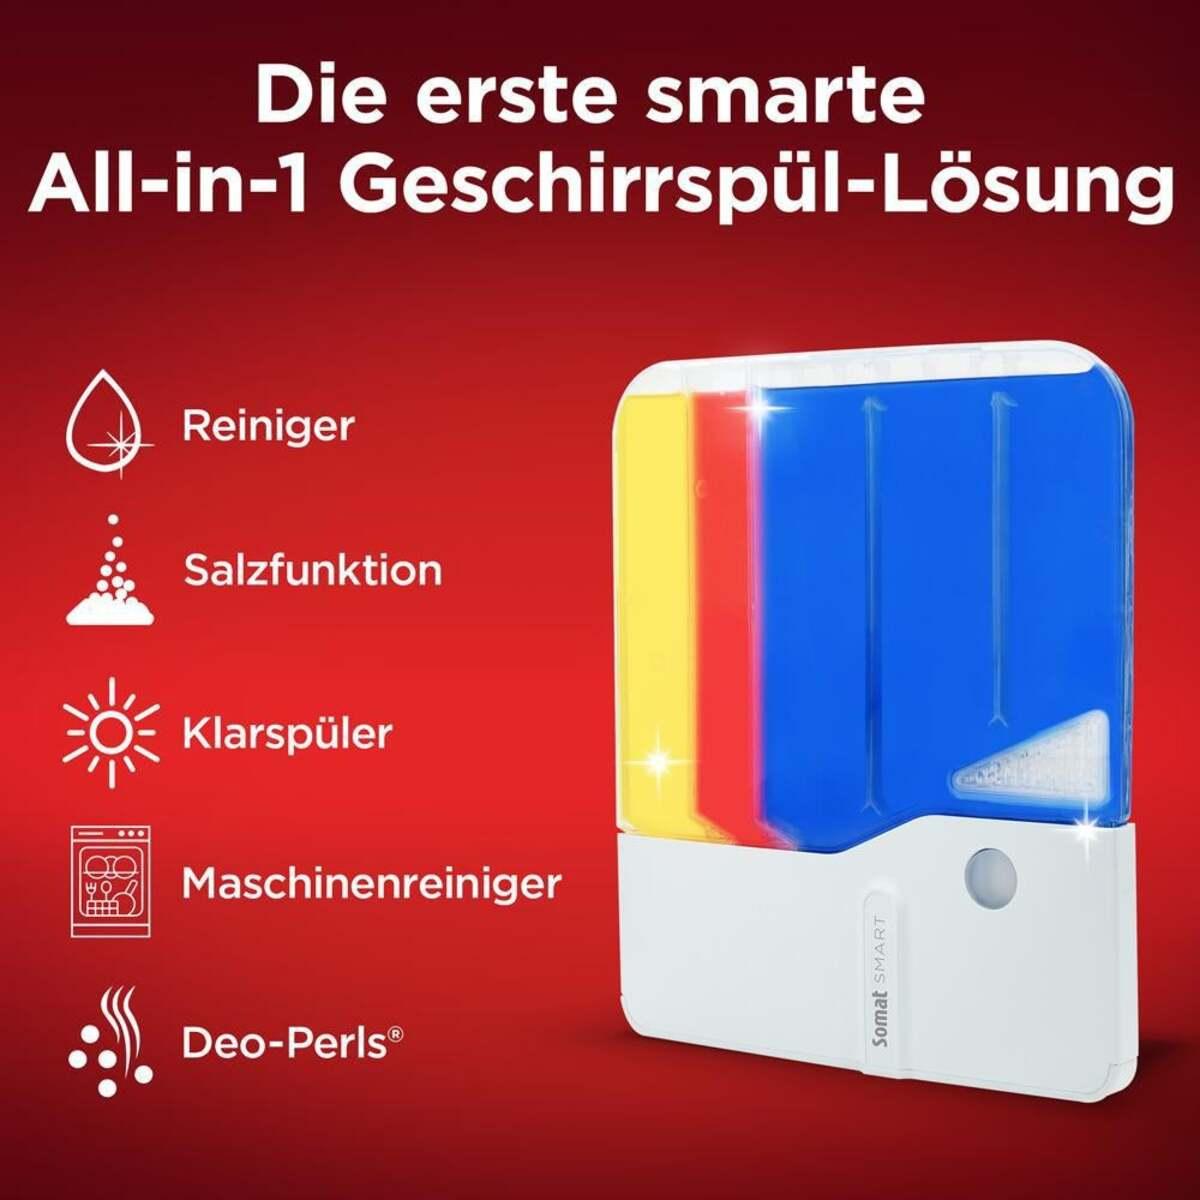 Bild 2 von Somat Somat Smart Starter-Kit All-in-1 Geschirrspülreiniger